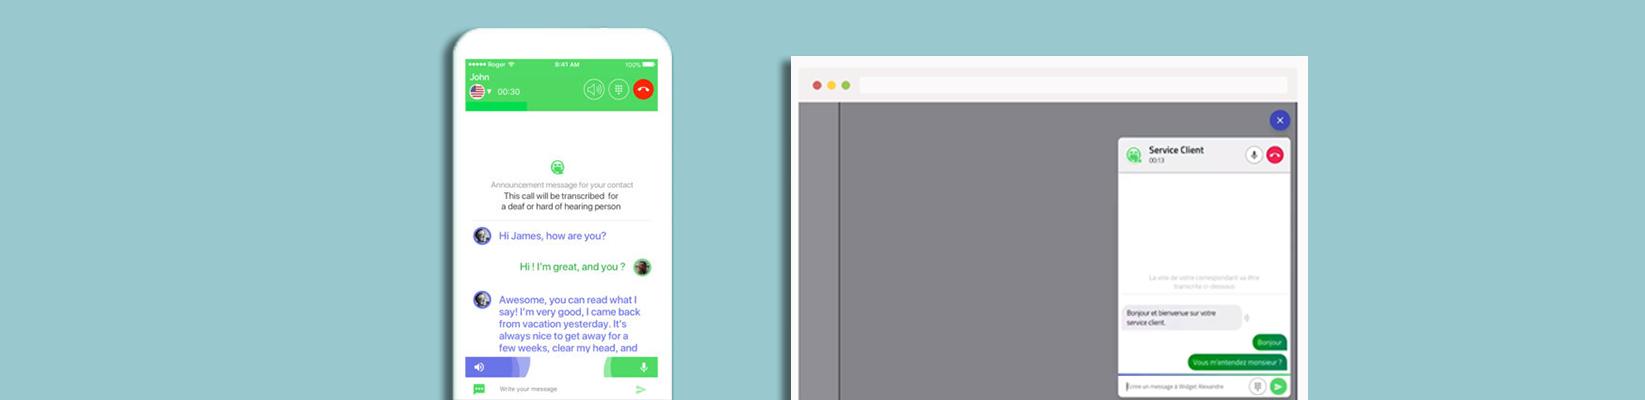 roger voice screenshots